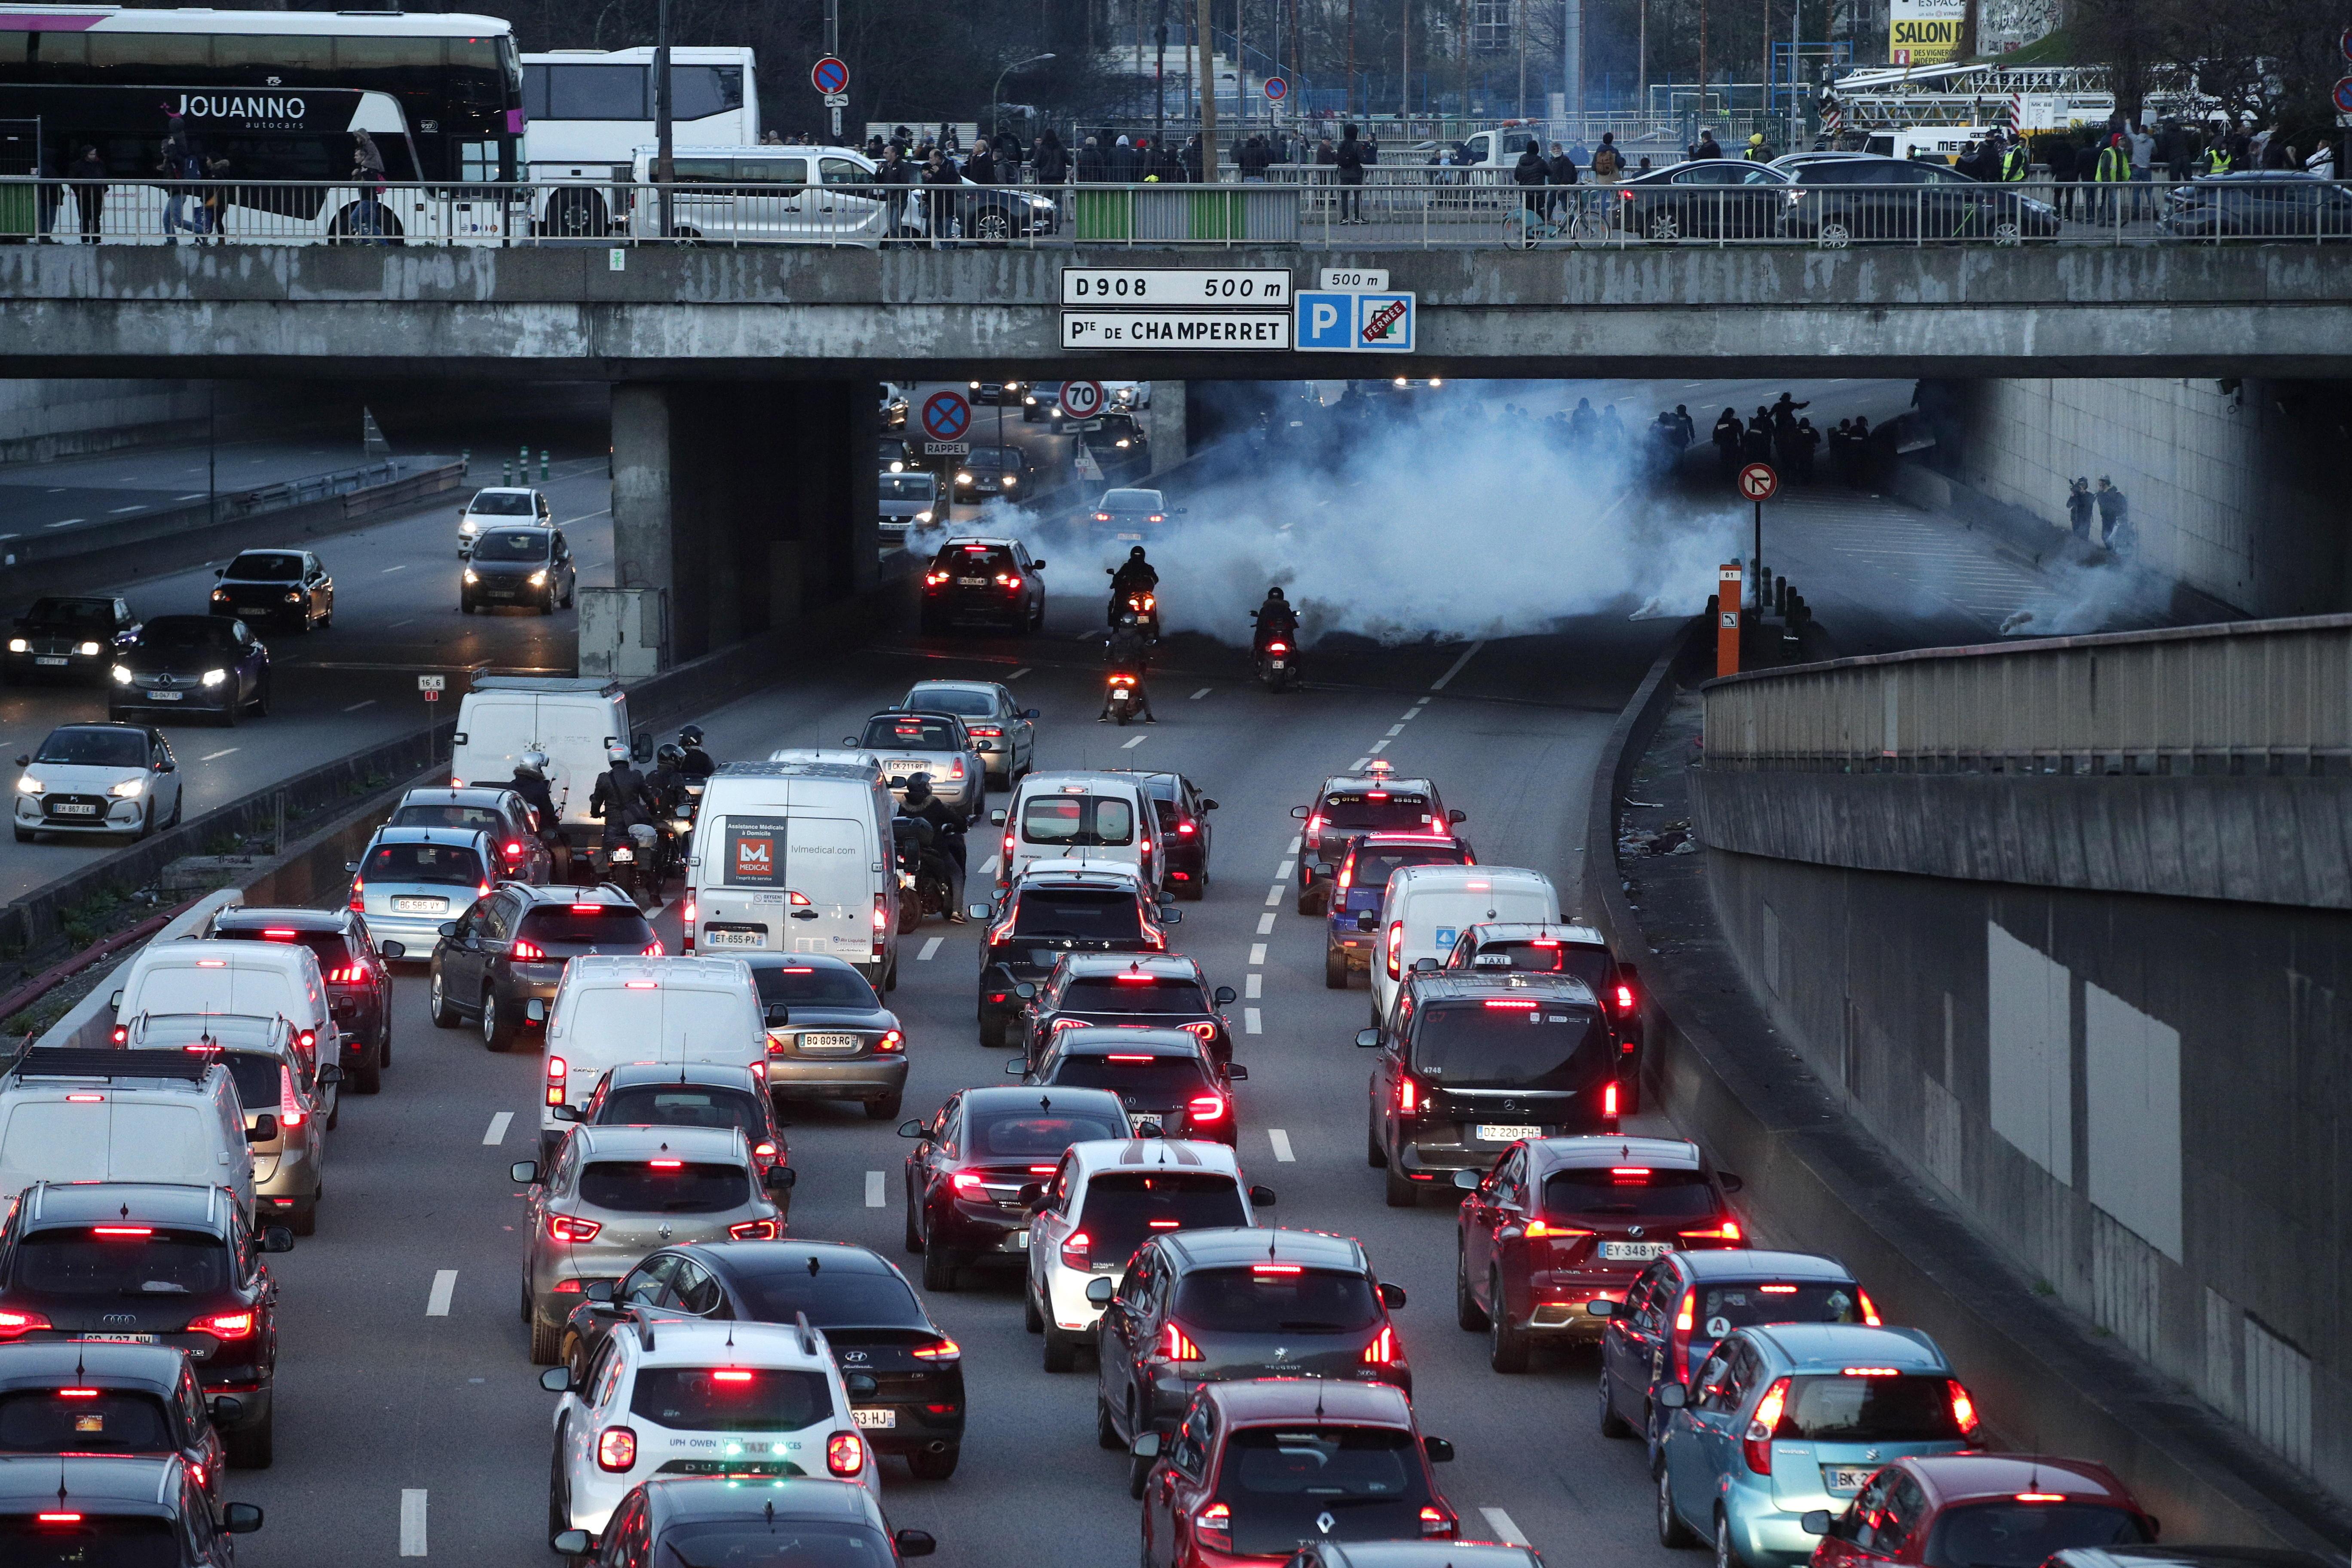 Algunos manifestantes bloquean los vehículos en la circunvalación de París durante la manifestación. Foto Prensa Libre: EFE